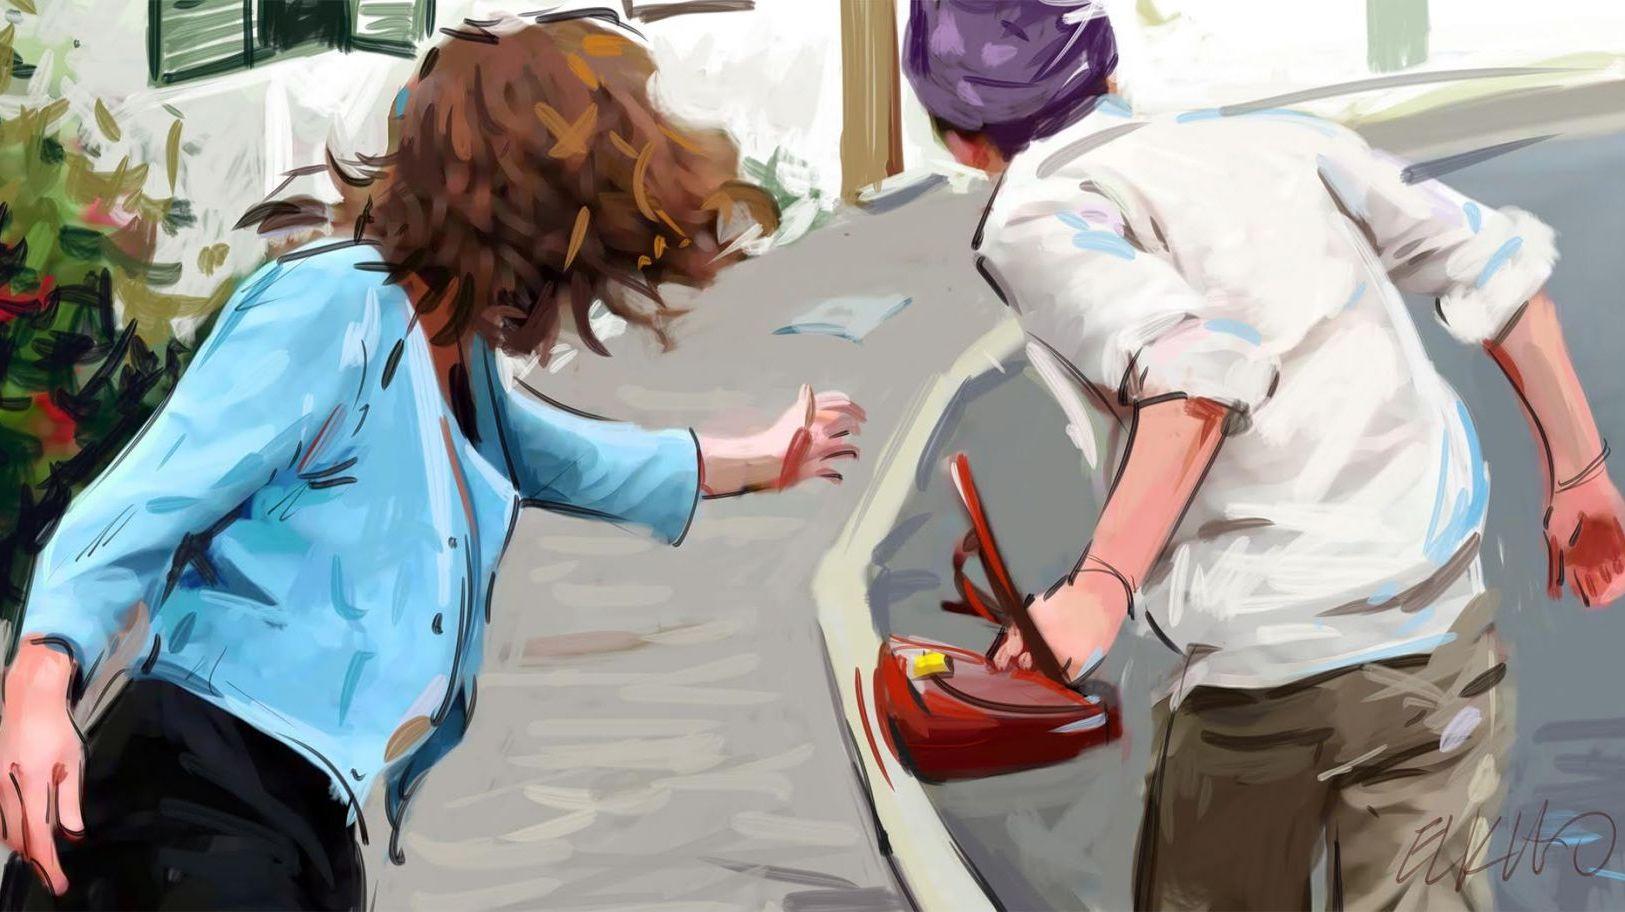 صورة لص يتسبب في وفاة سيدة ثلاثينية أثناء سرقتها بمراكش